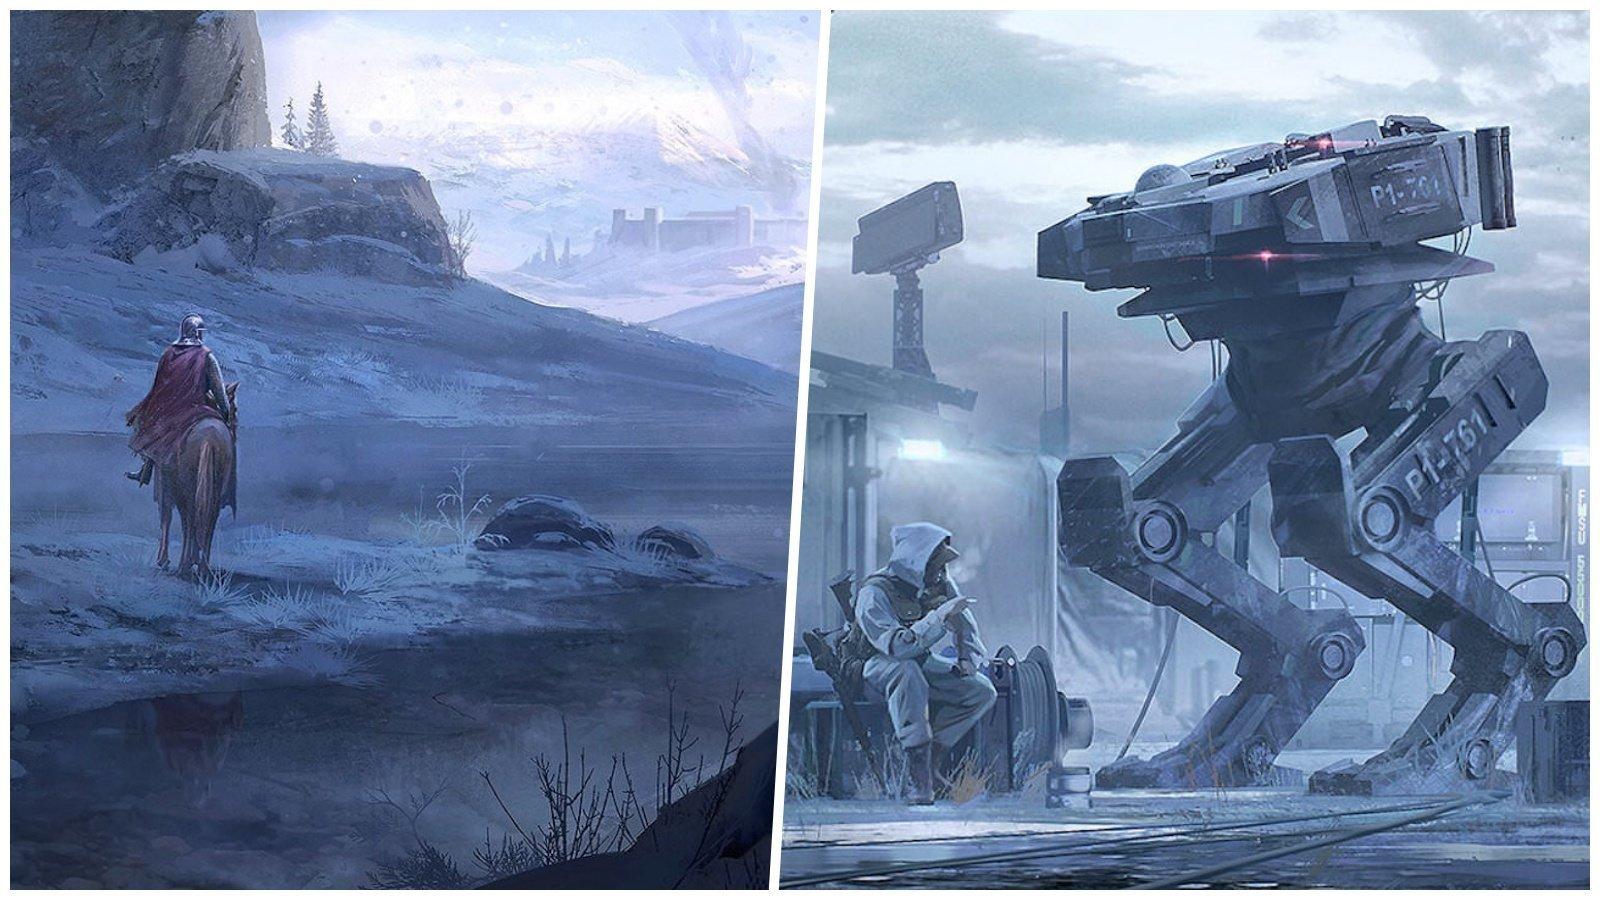 Миры прошлого и будущего в картинах главного художника Ubisoft (21фото)